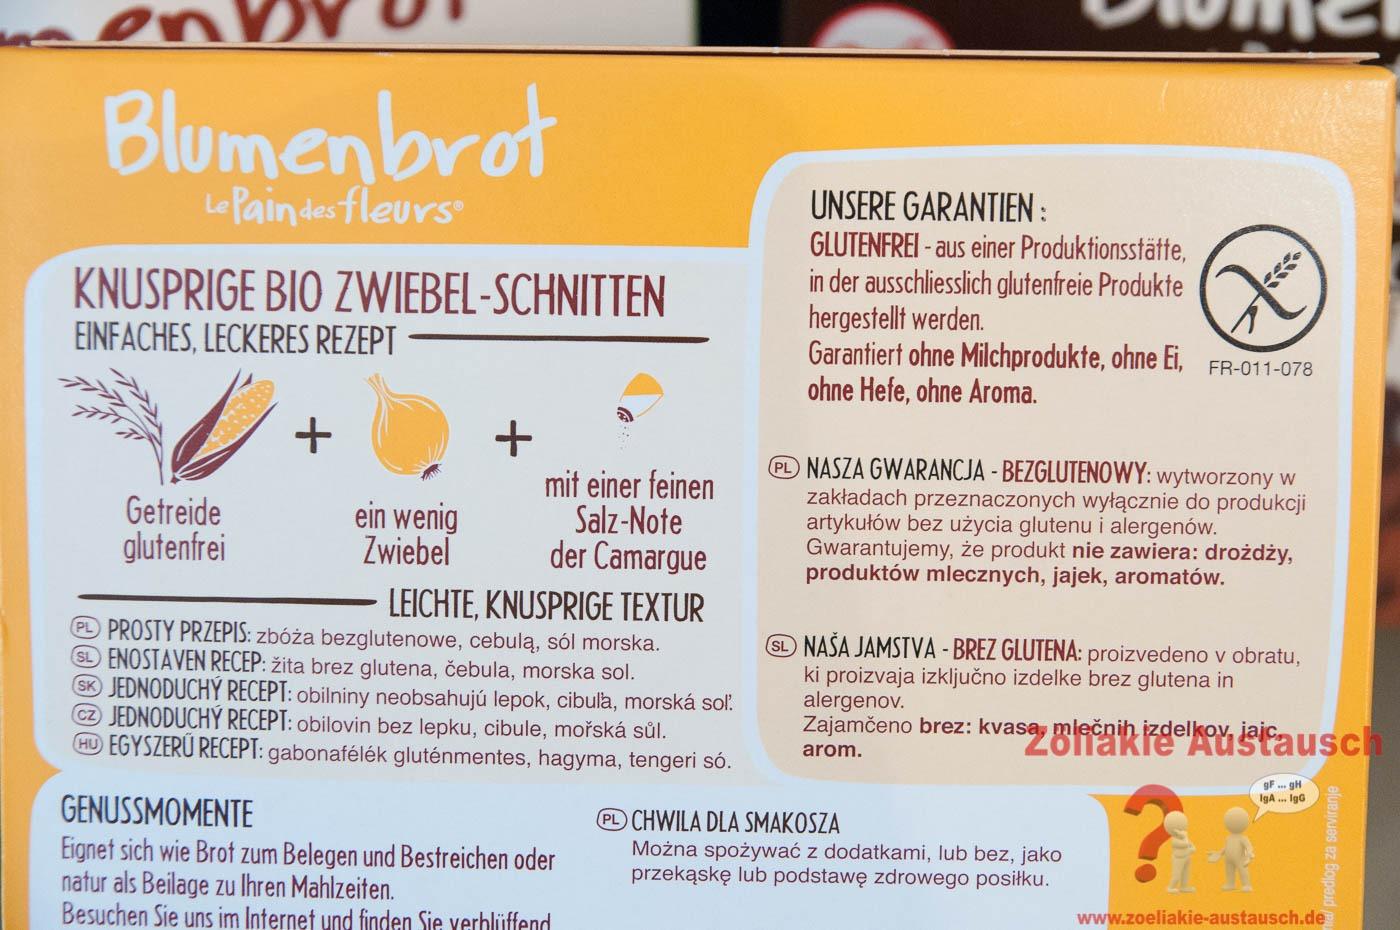 Zoeliakie_Austausch_Blumenbrot-021